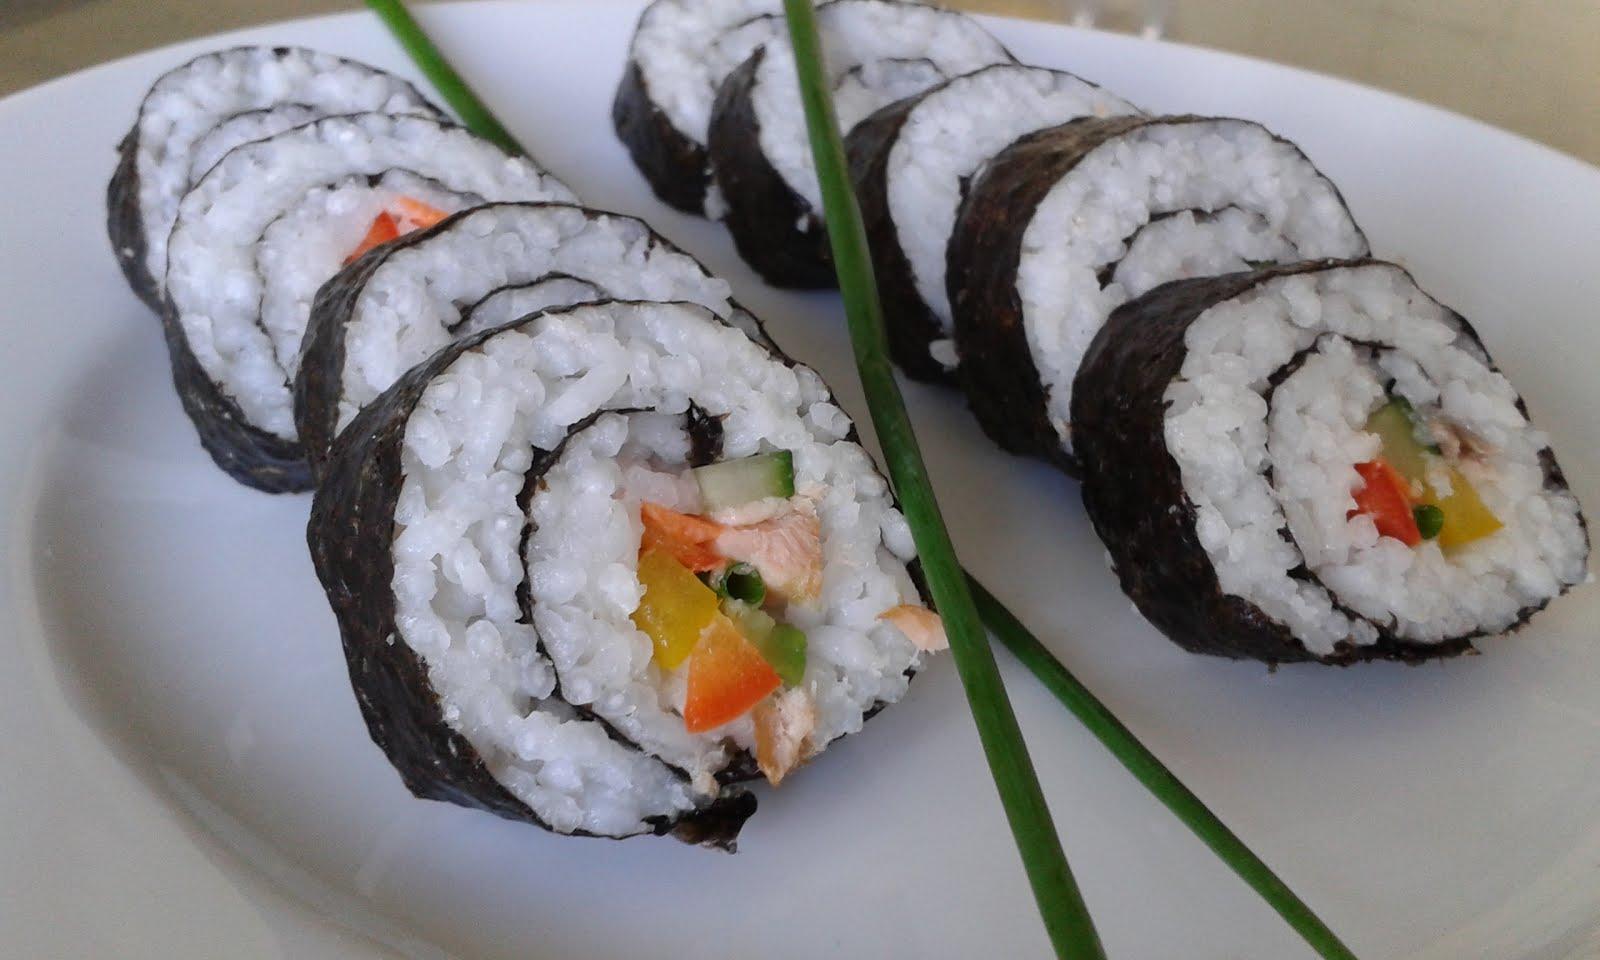 Szkolne sushi